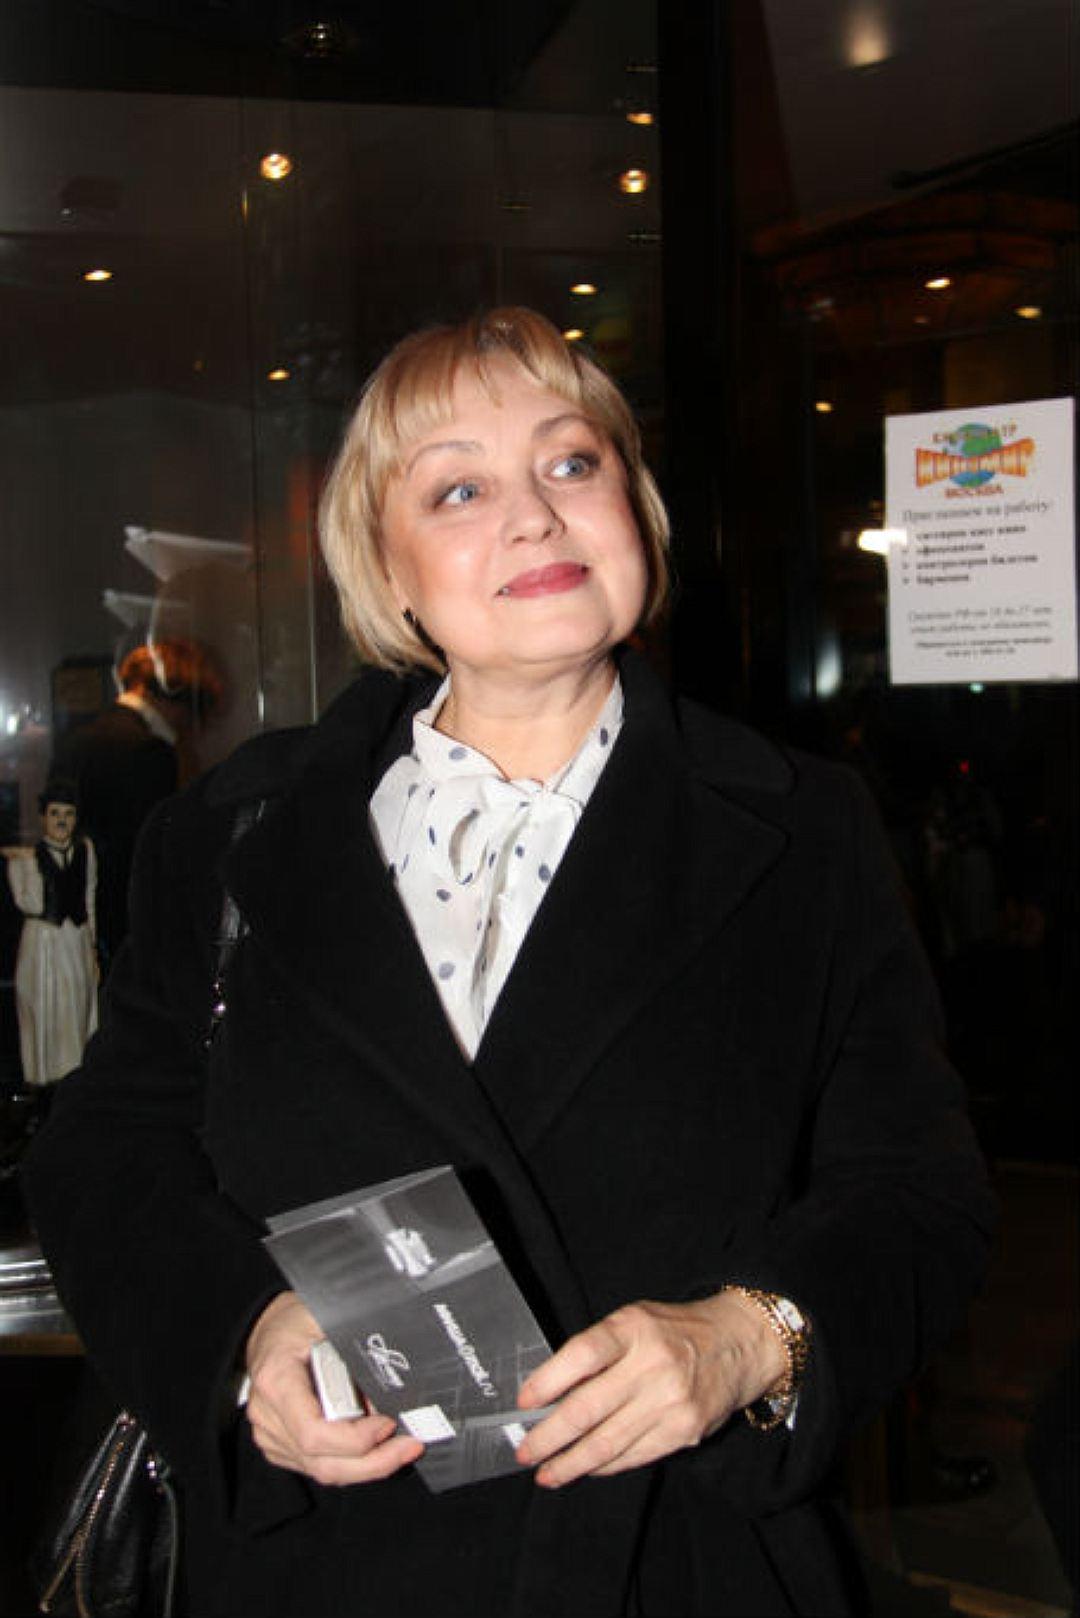 Сегодня свой день рождения отмечает Шанина Елена Юрьевна.